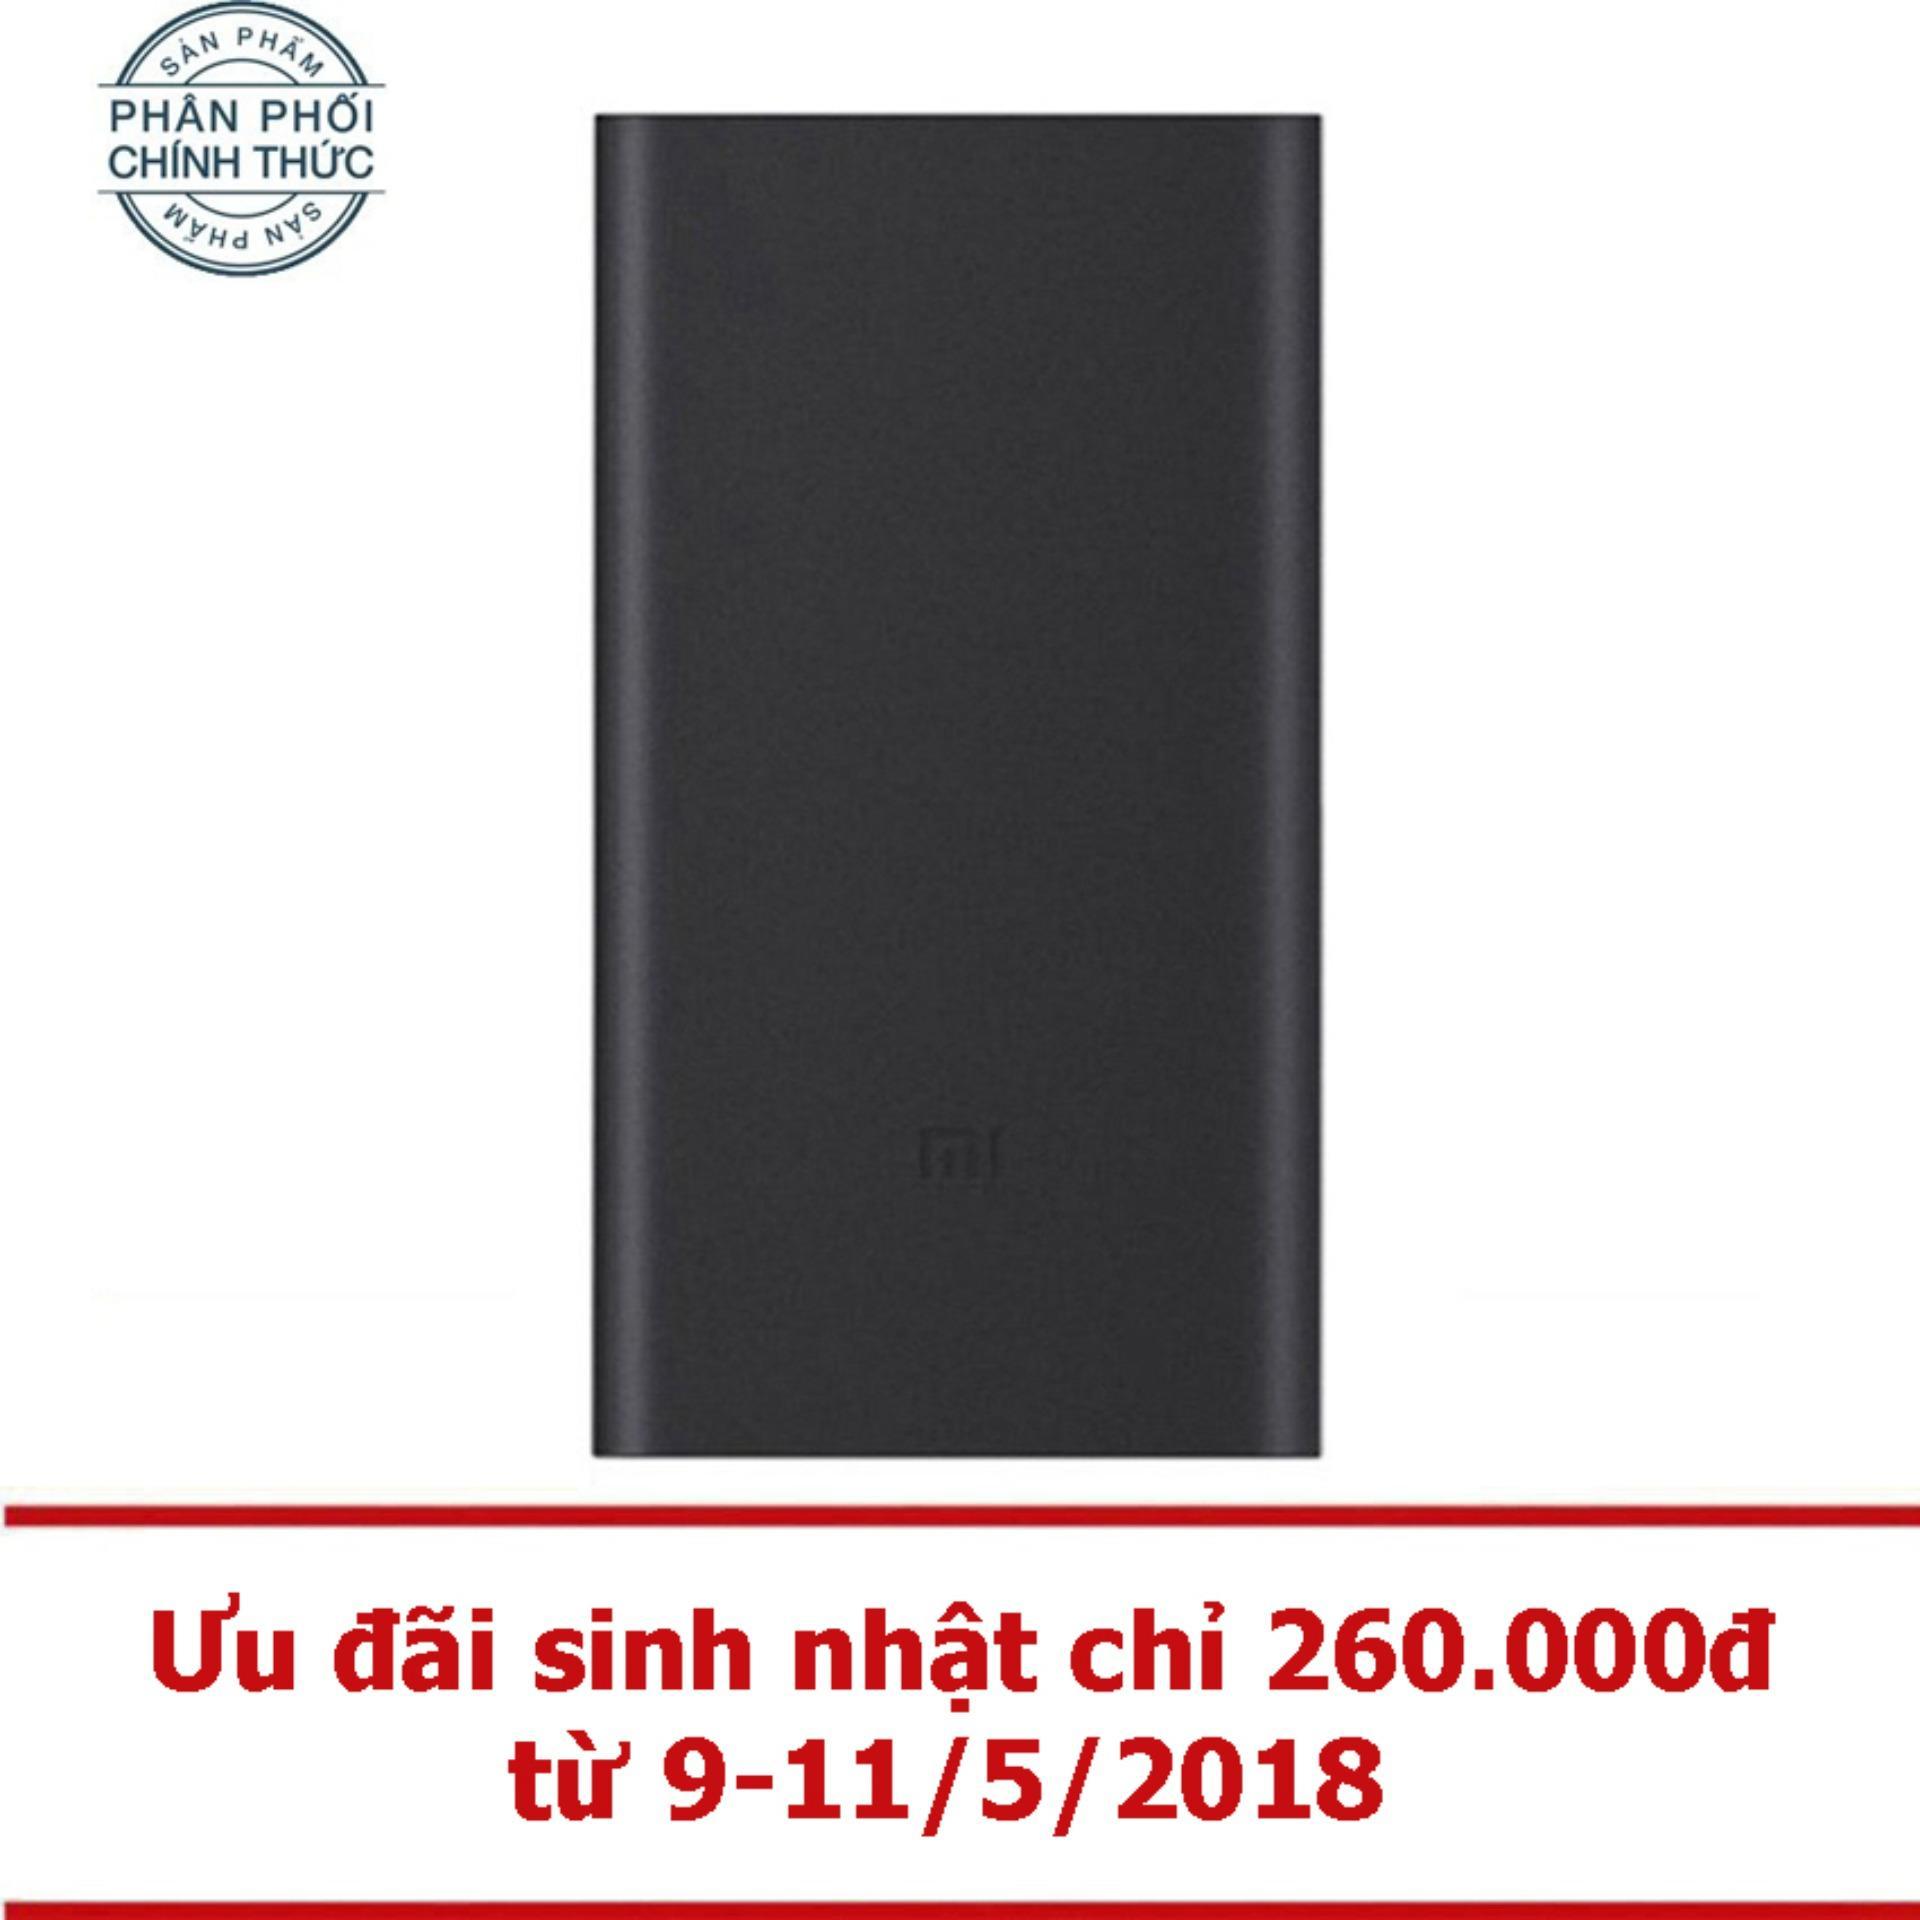 Mua Pin Sạc Dự Phong Xiaomi Power Bank Gen 2 10000Mah Đen Hangnphanphối Chinh Thức Mới Nhất